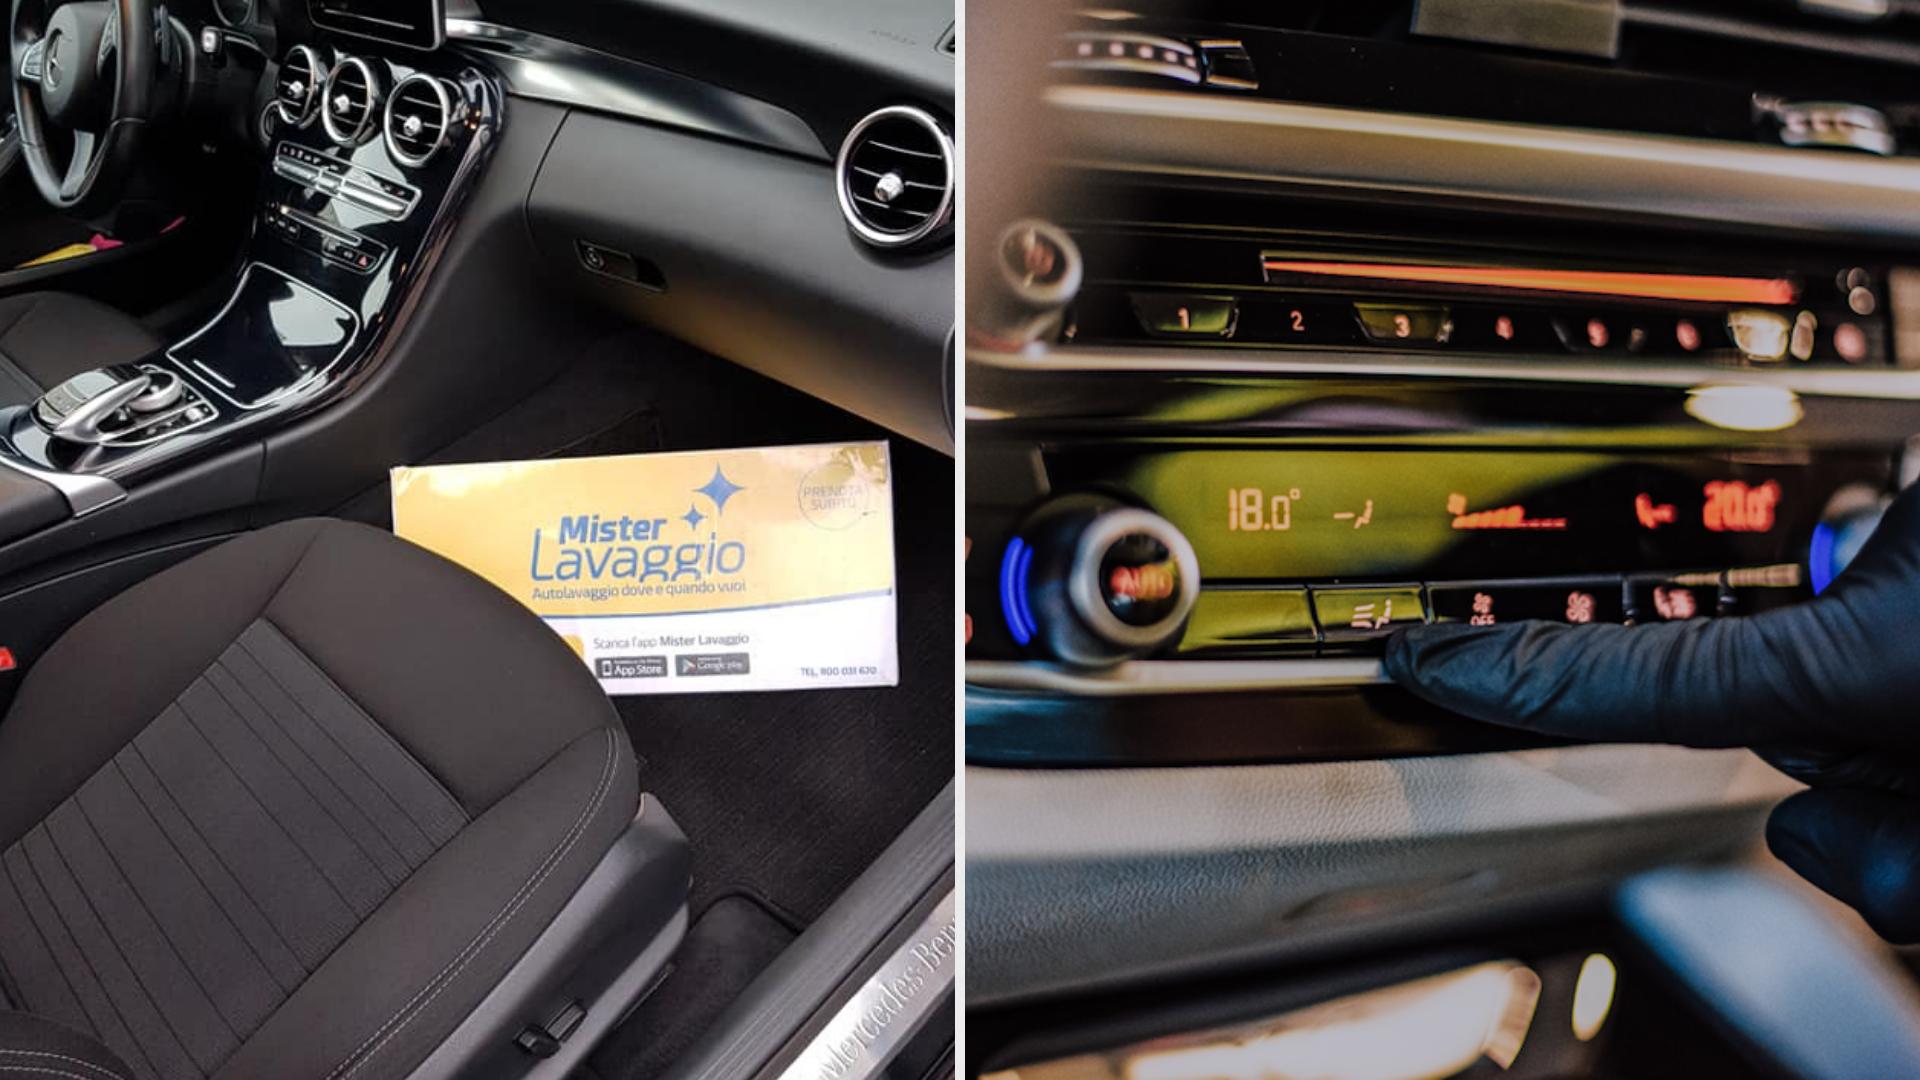 Mister Lavaggio – Tappezzeria, Sanificazione, Igienizzazione interni auto – lavaggio a secco